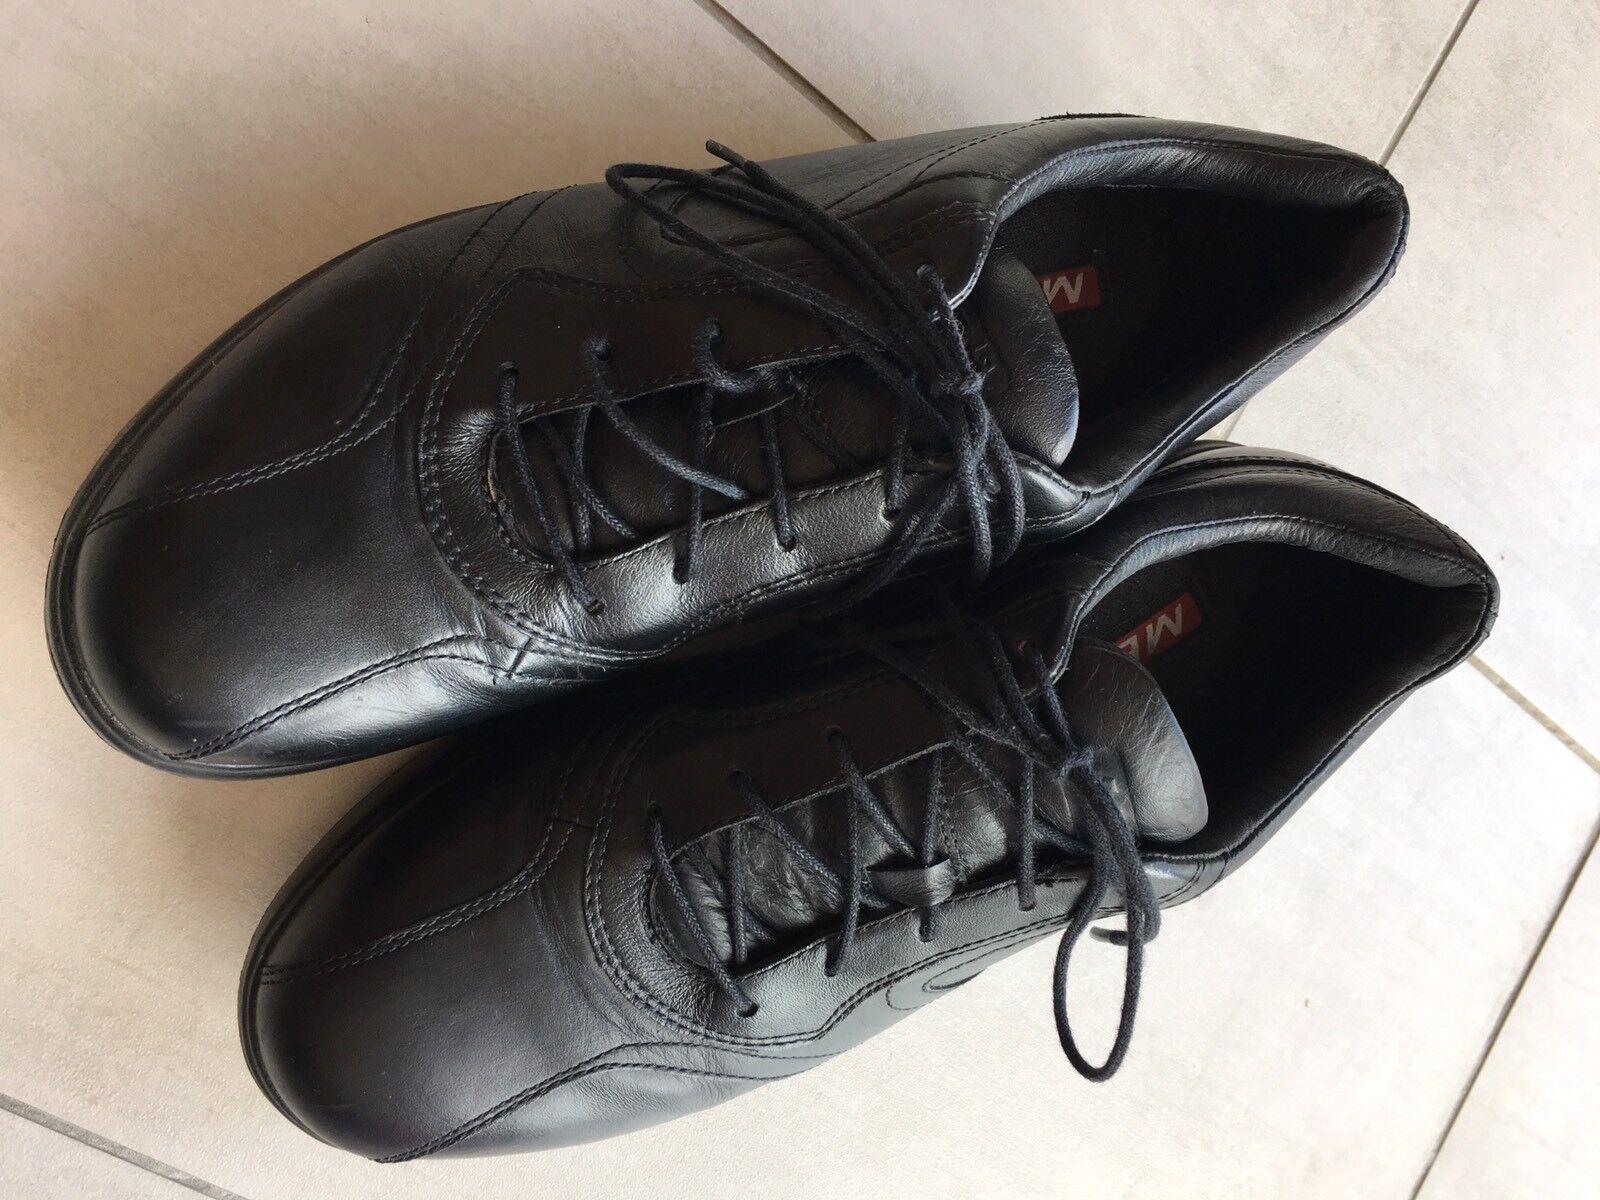 Orig MBT Schuhe Sportschuhe Laufschuhe Gesundheitsschuhe Schwarz Grösse 40 1 3  | Lassen Sie unsere Produkte in die Welt gehen